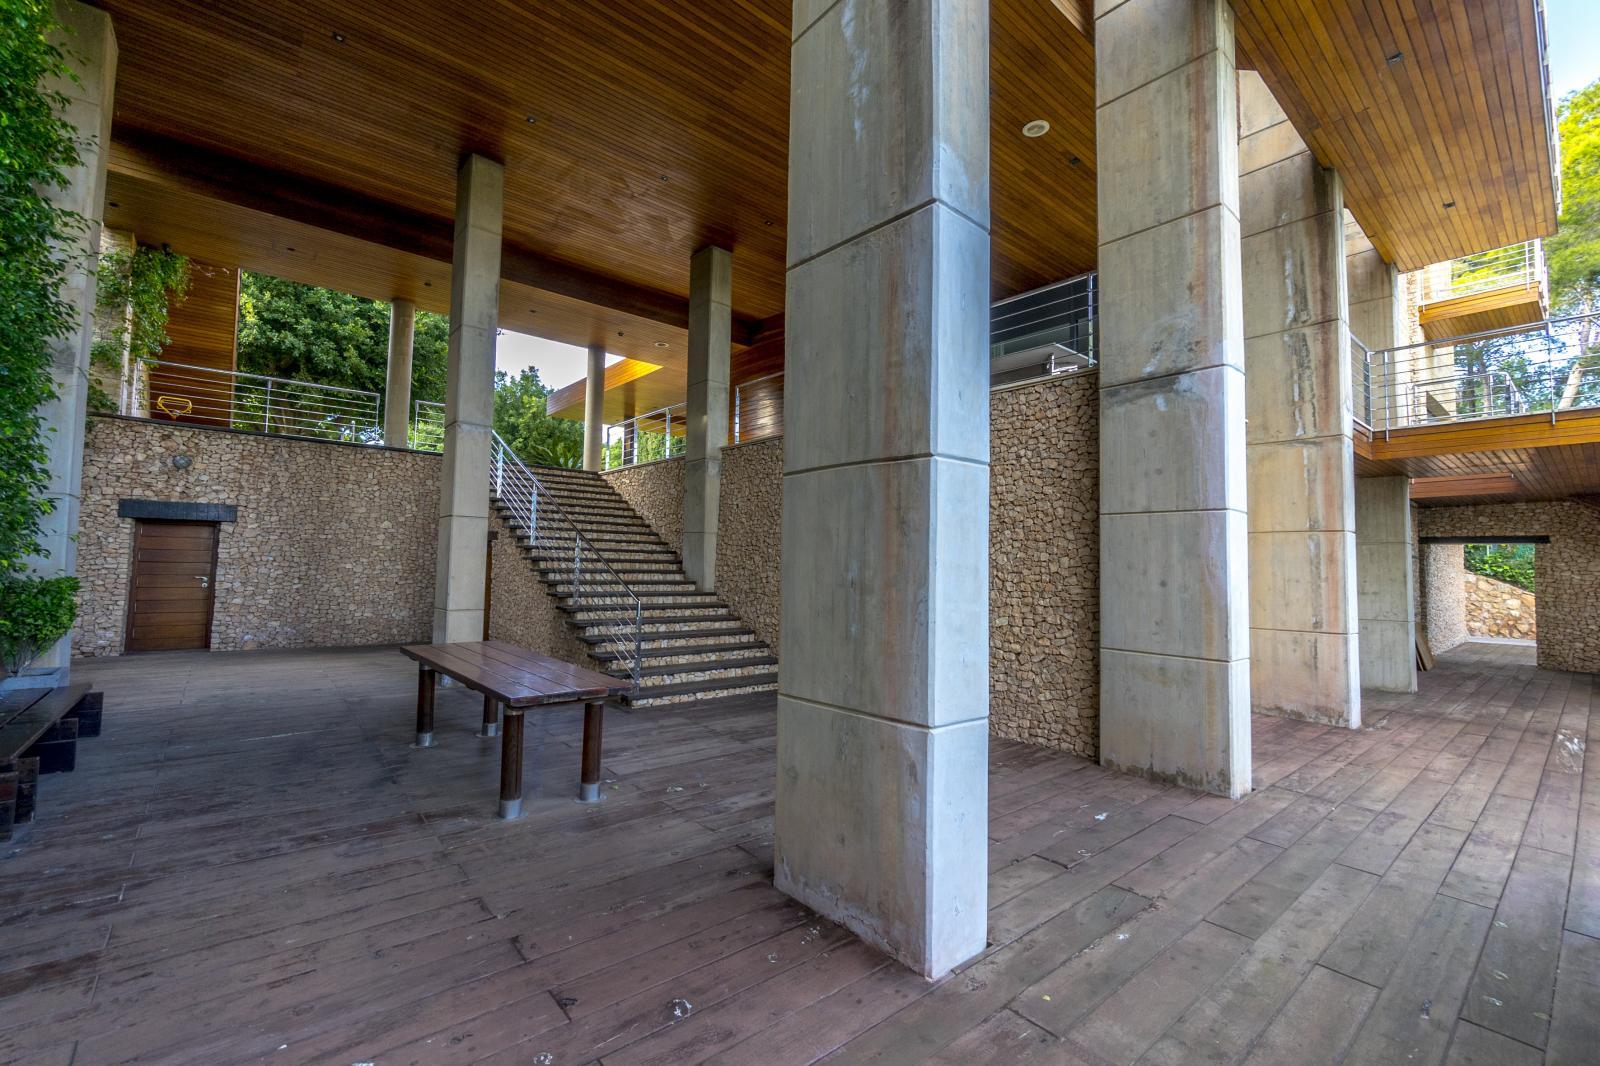 64977240 3223954 foto127967745 - Lujo, diseño y funcionalidad en esta villa en Campoamor (Alicante)